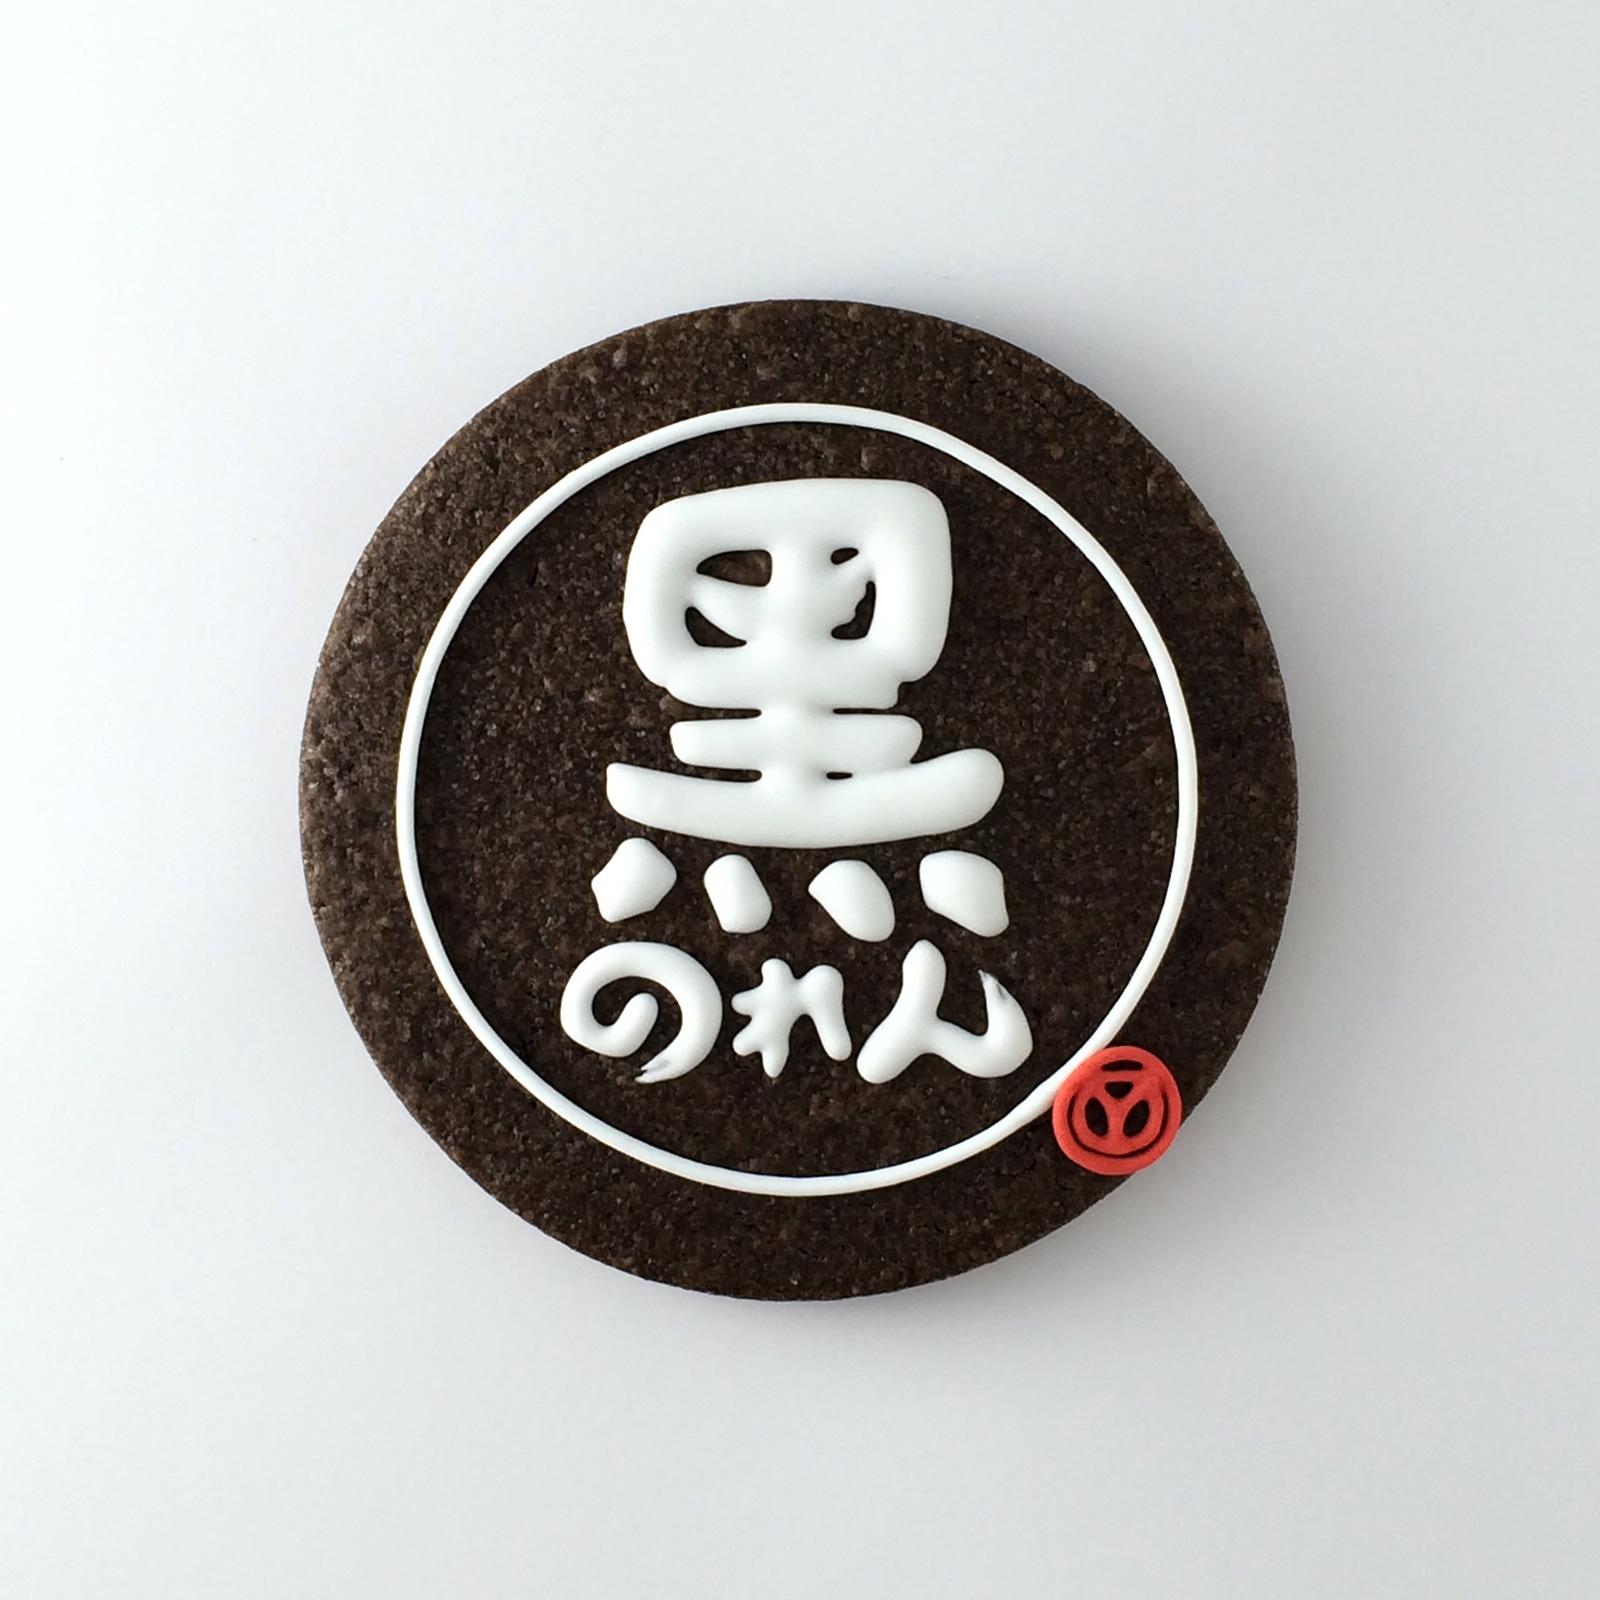 黒のれん製菓クッキー